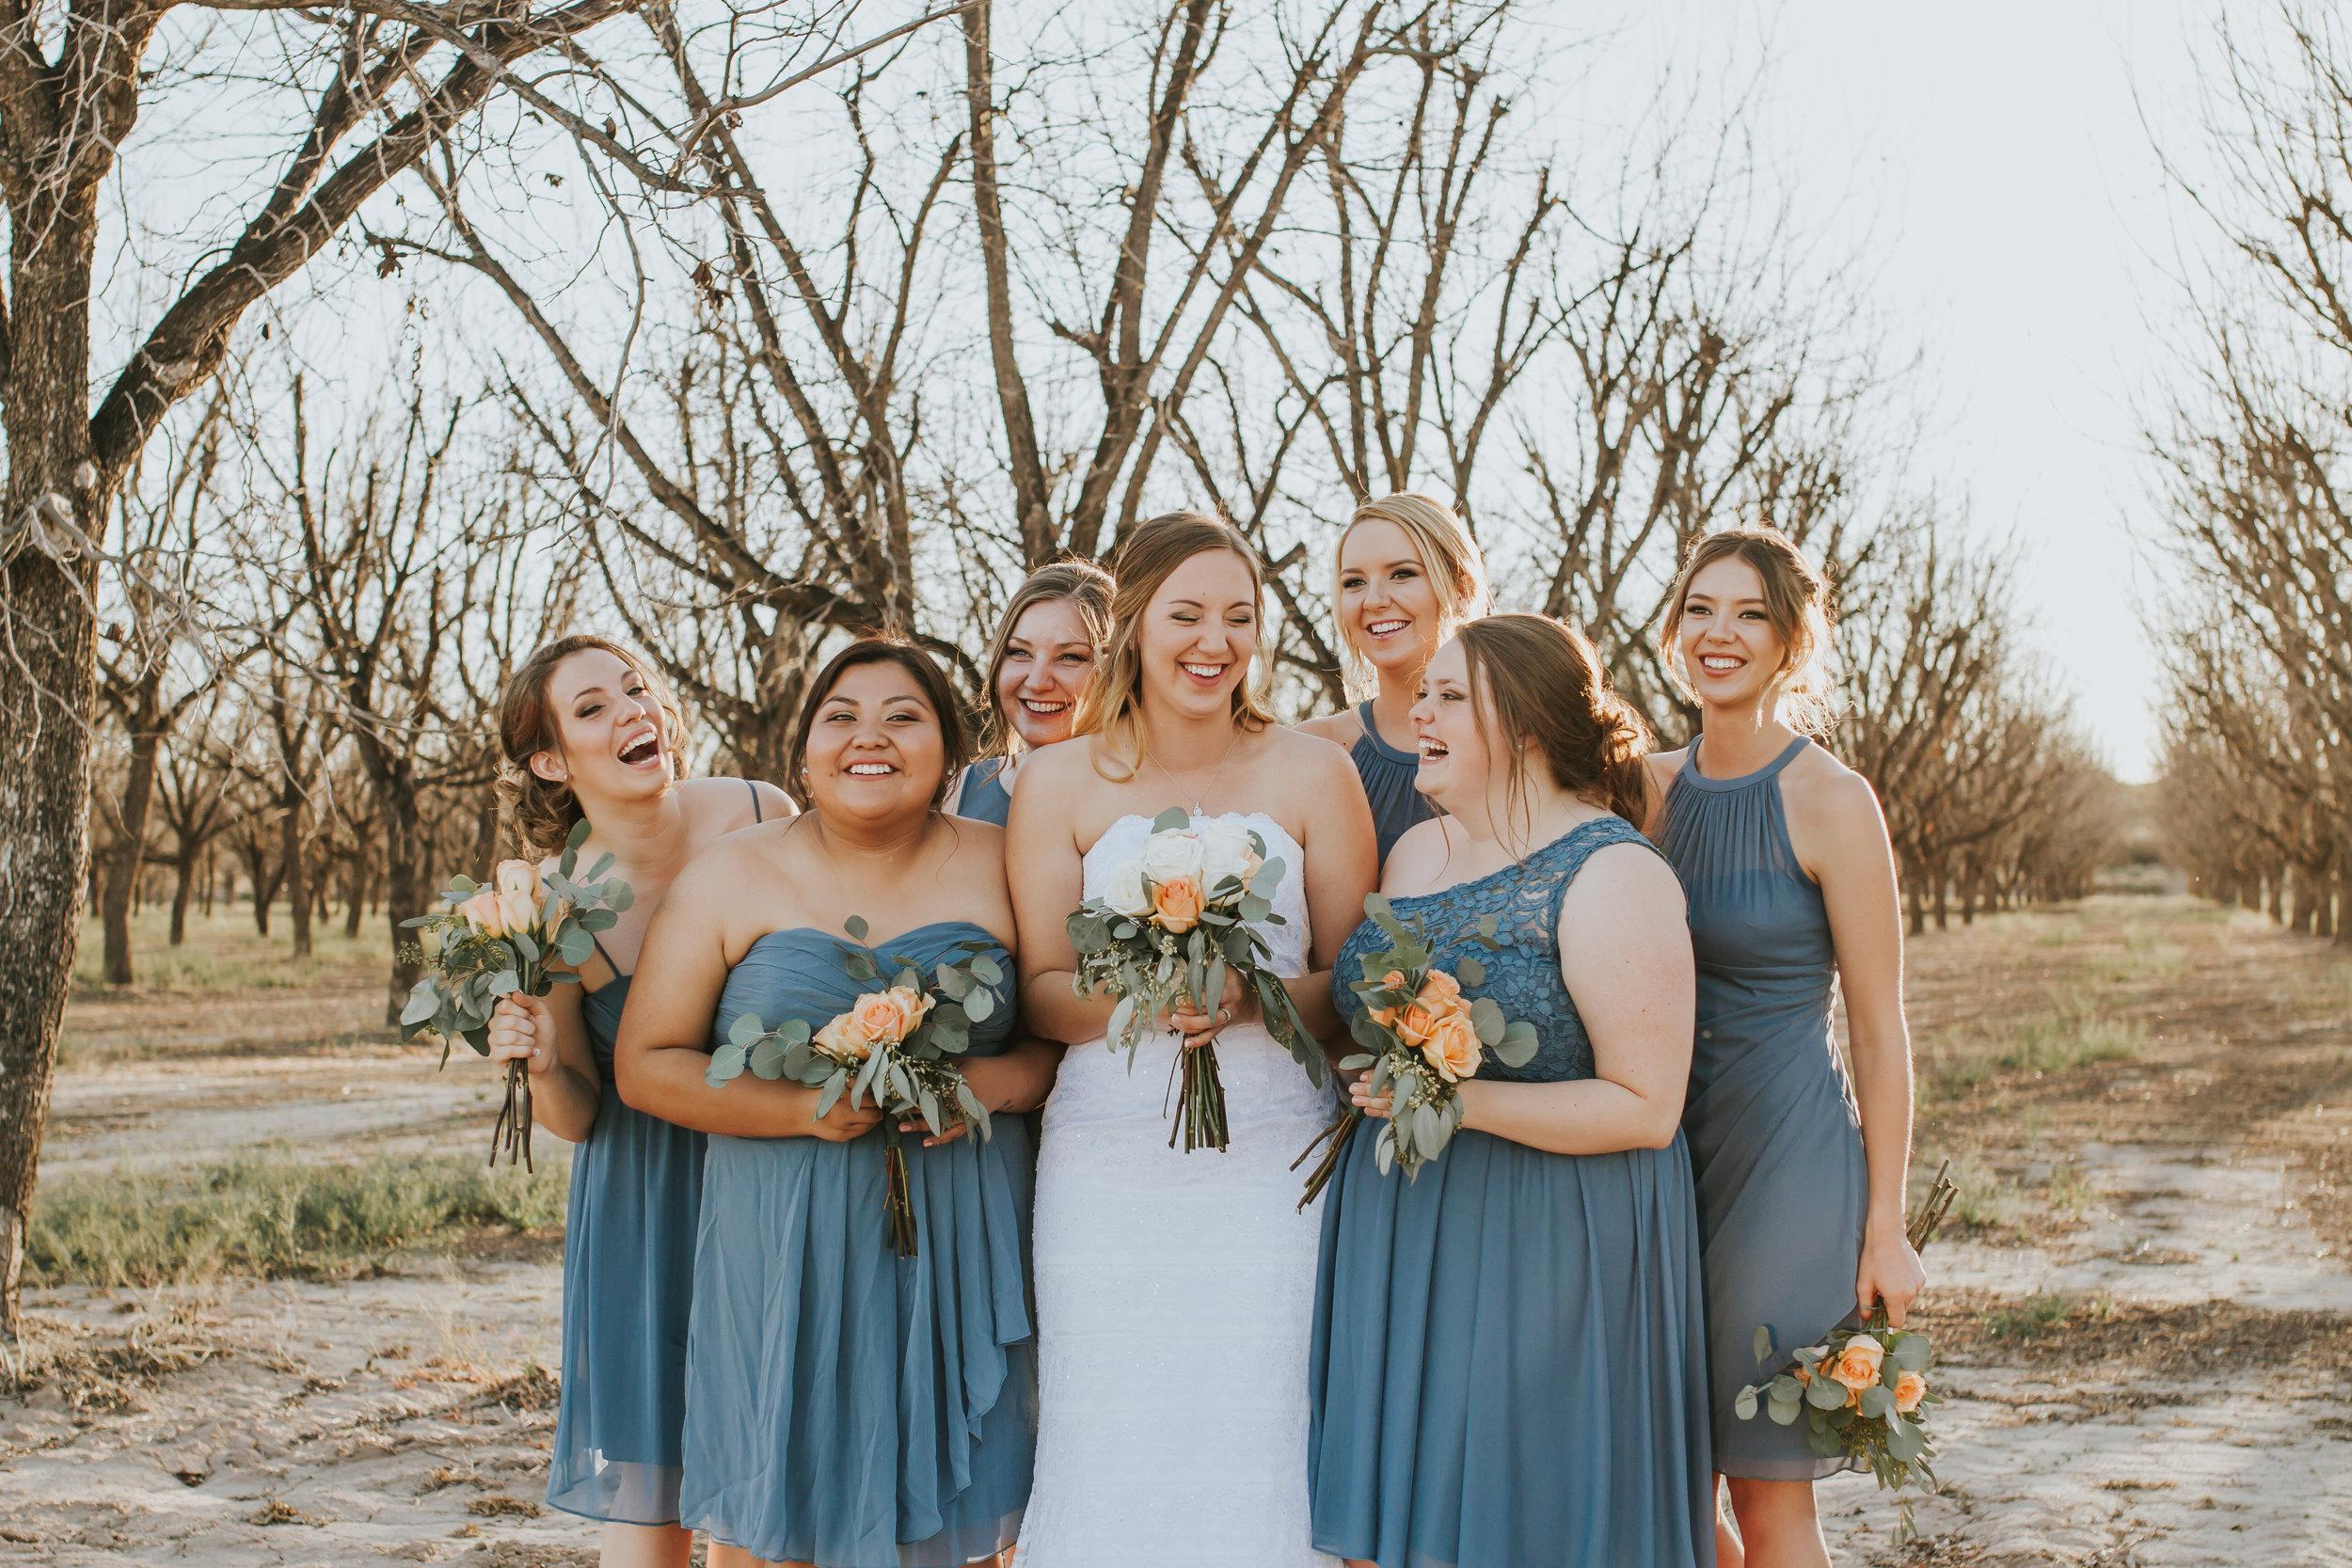 Jassan + Christine   An El Paso Wedding   Los Portales, NM   Sparrow & Gold Photography   El Paso Wedding Photography